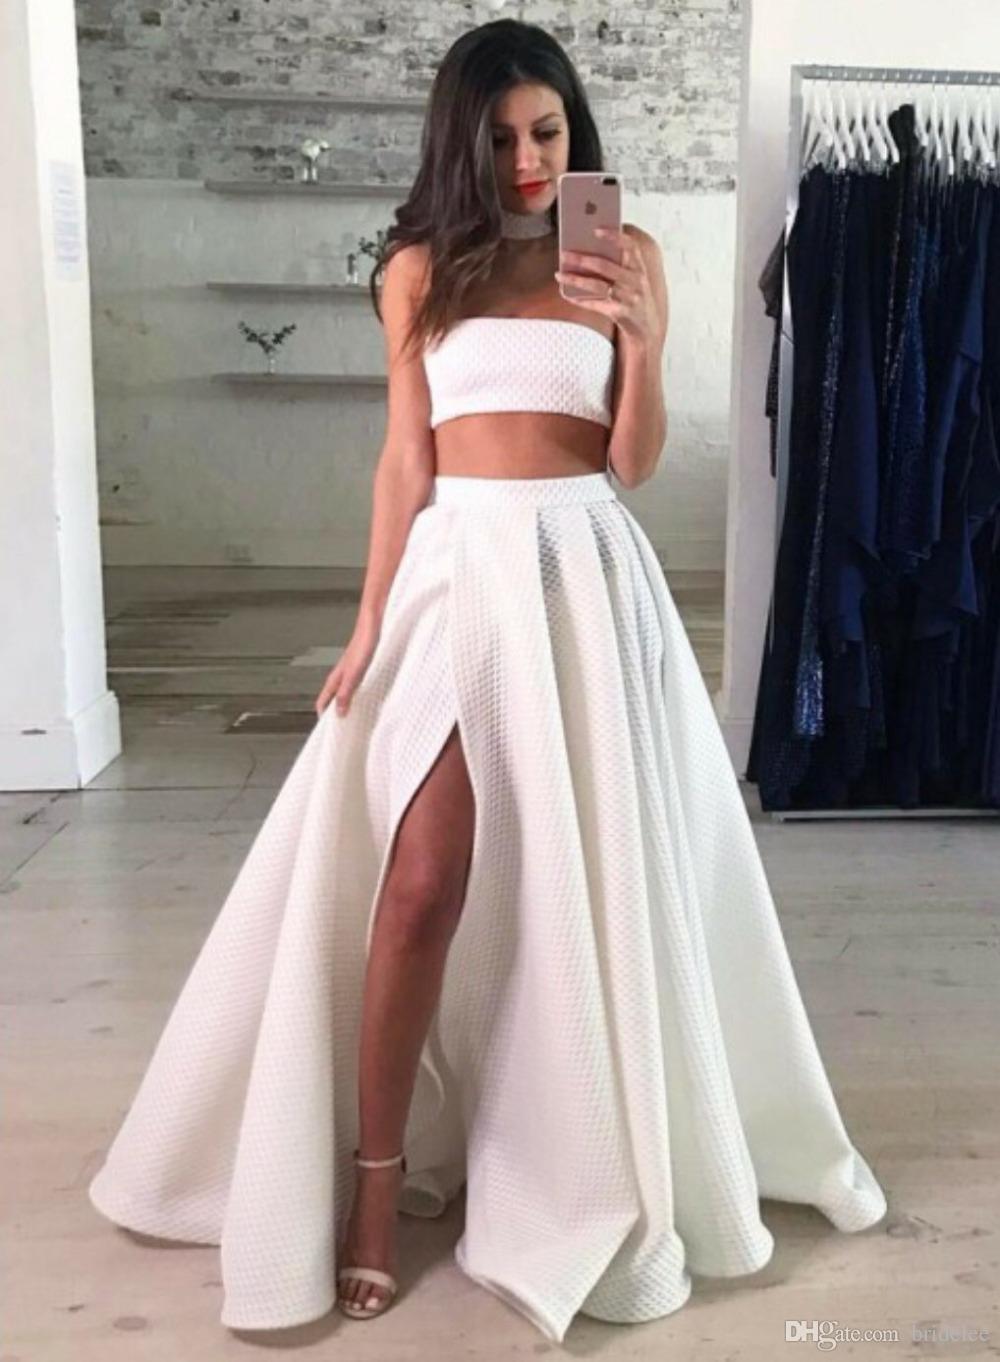 Compre Moda Blanco Dos Piezas Vestidos De Baile 2018 Vestido Largo De Fiesta Sin Tirantes Con Abertura Vestidos Para Ocasiones Especiales Vestidos De